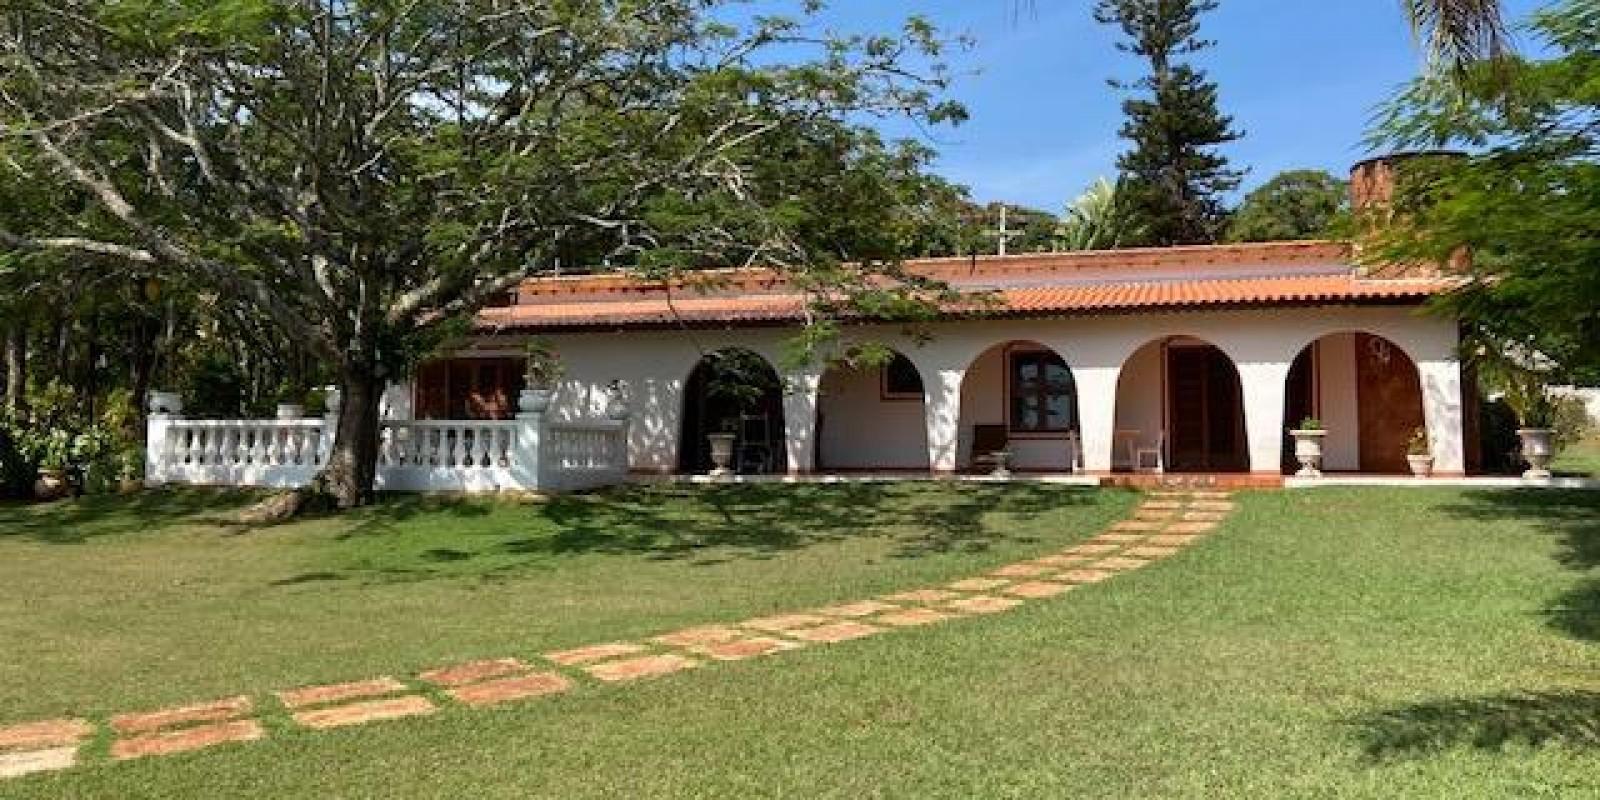 Casa Pé na Areia na Represa Condomínio Parque Náutico em Avaré SP - Foto 33 de 53